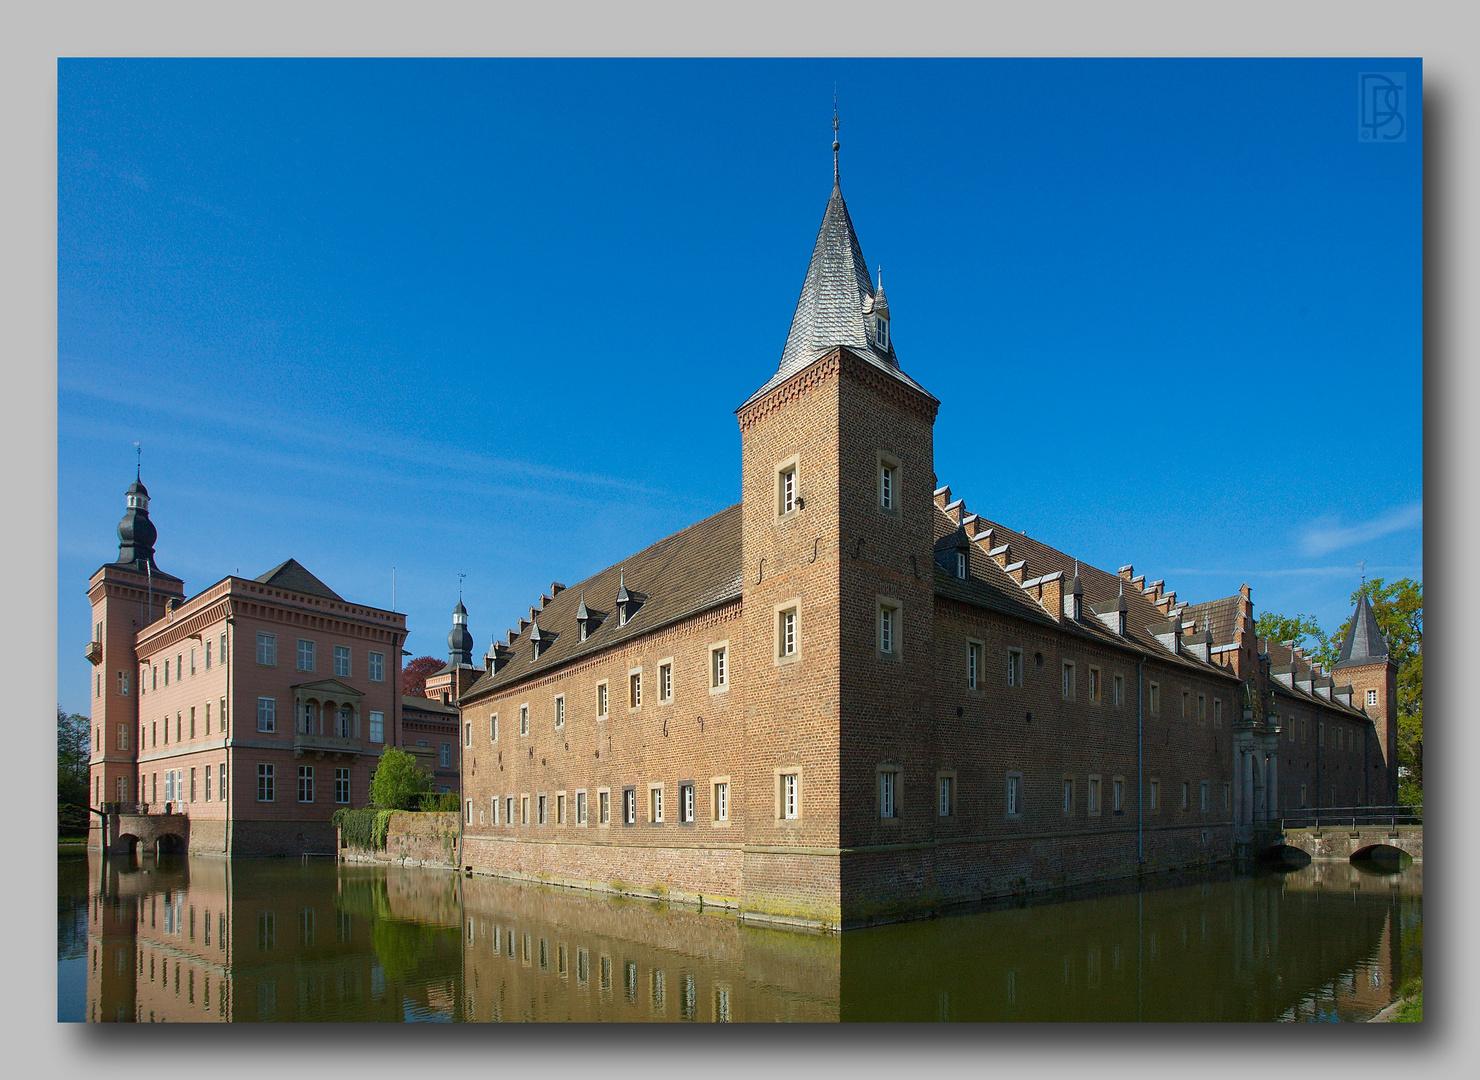 Schloss Gracht, Liblar (D), 2